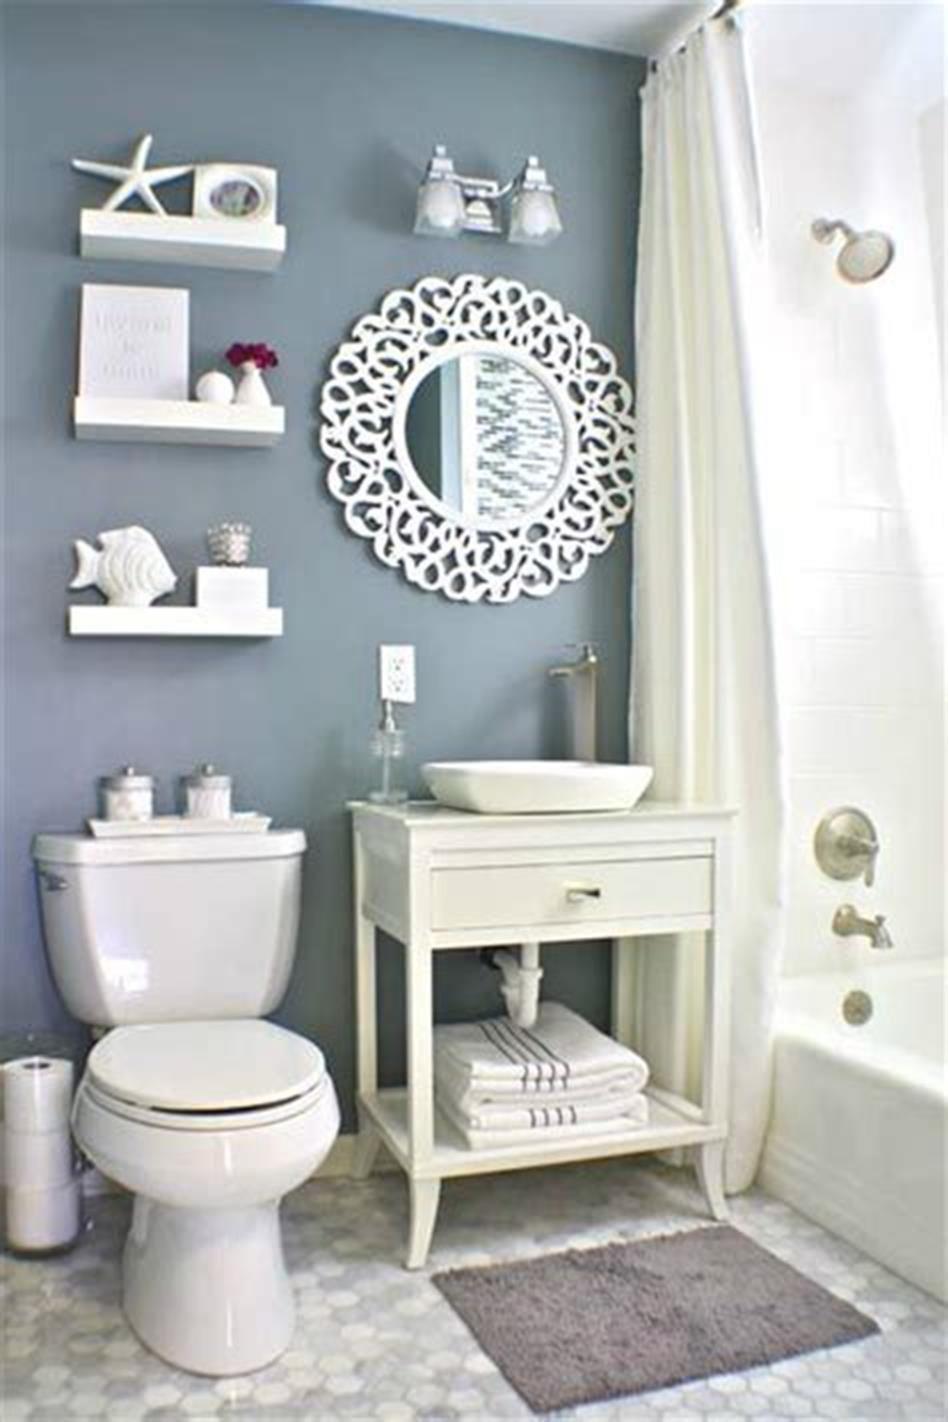 45 stunning bathroom decor ideas for small bathrooms 2019 on stunning small bathroom design ideas id=71572